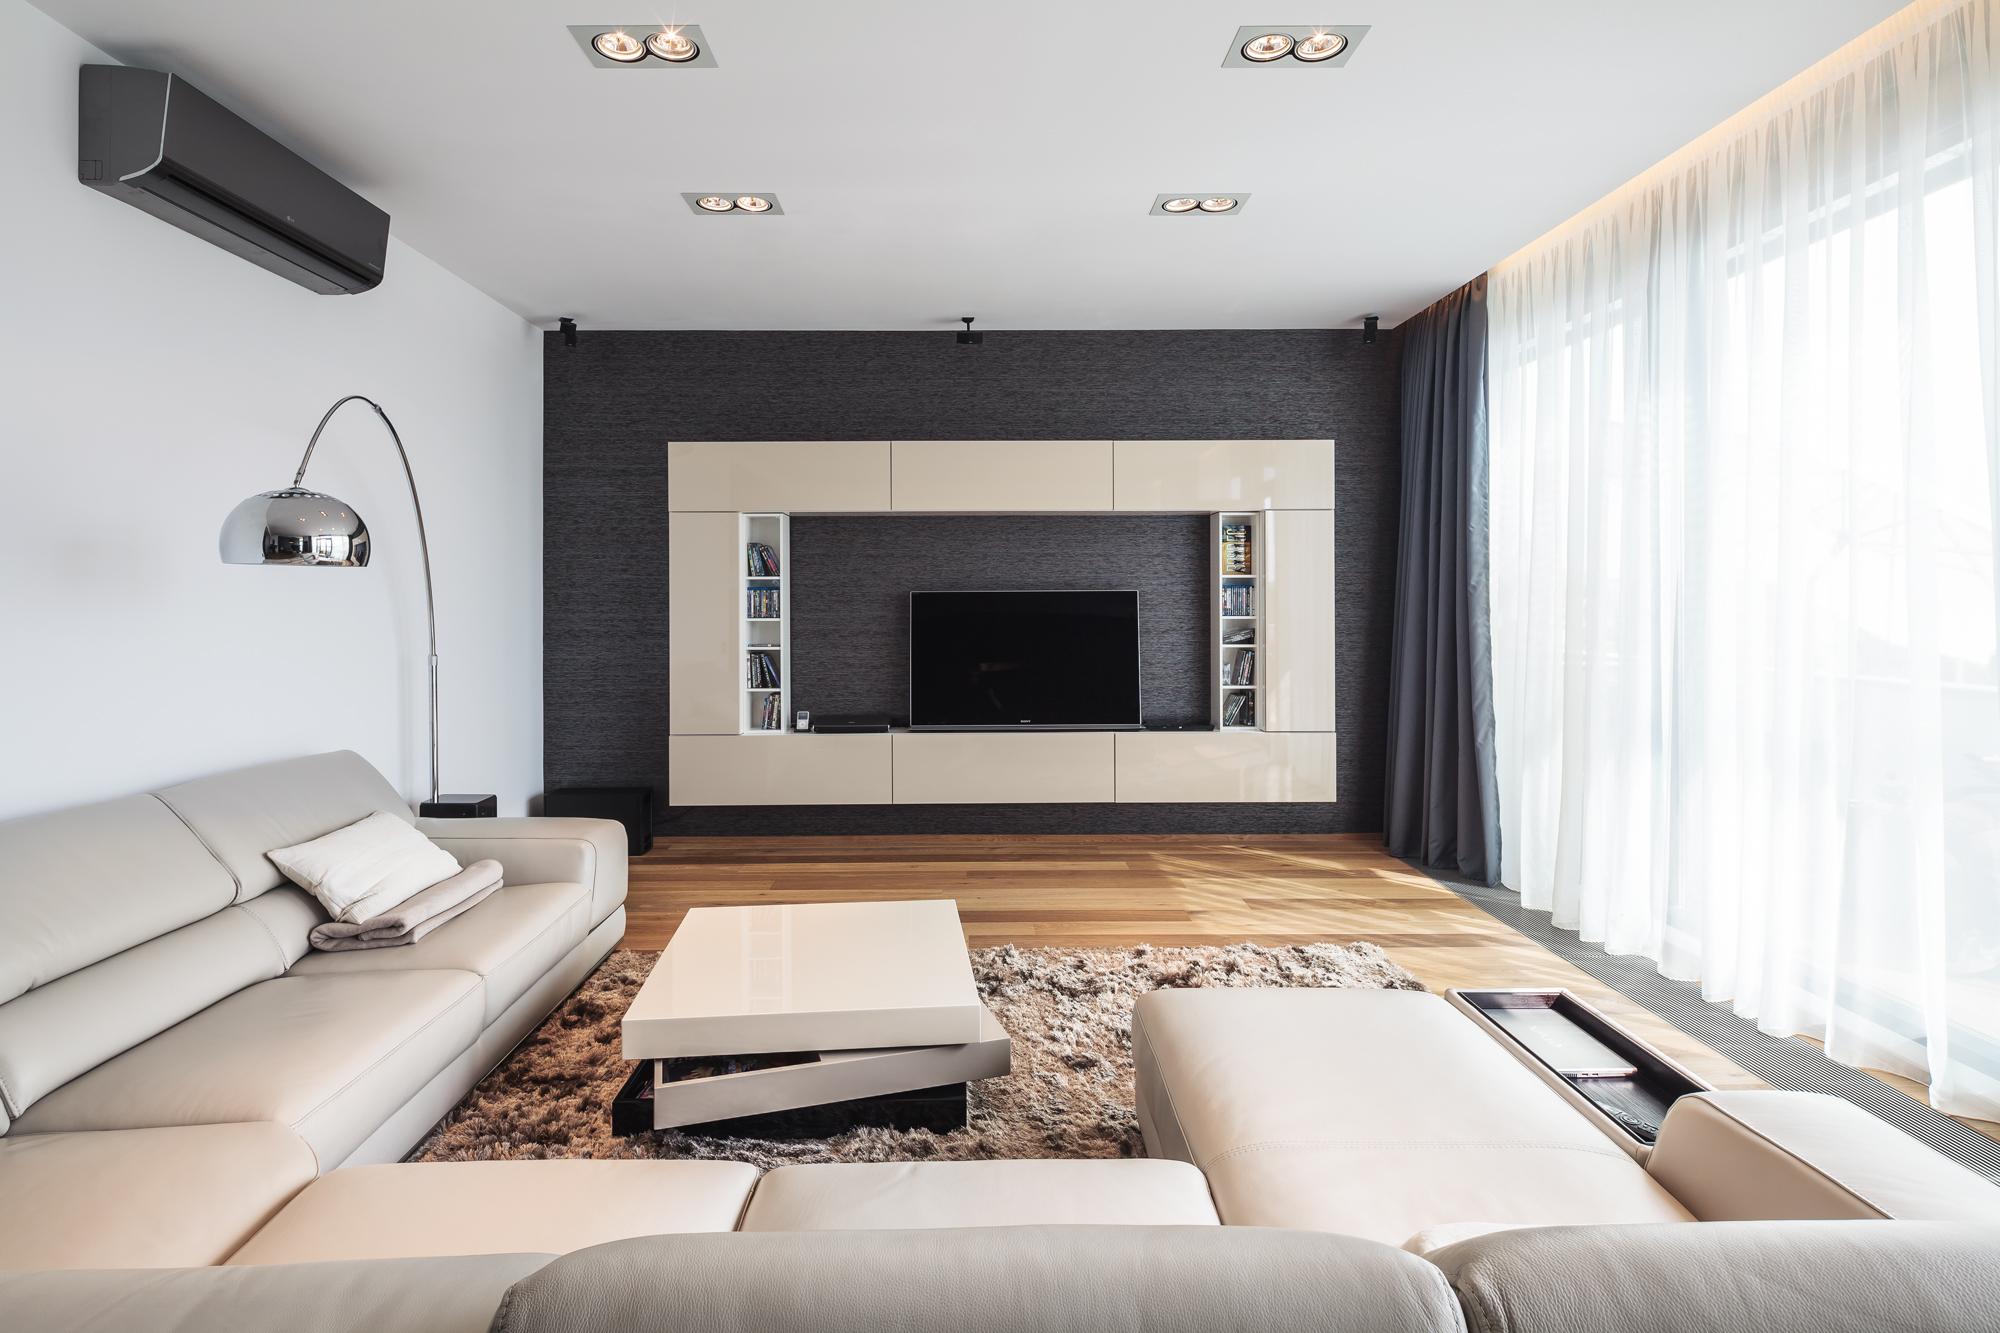 Однокомнатная квартира с гостиной в стиле минимализм